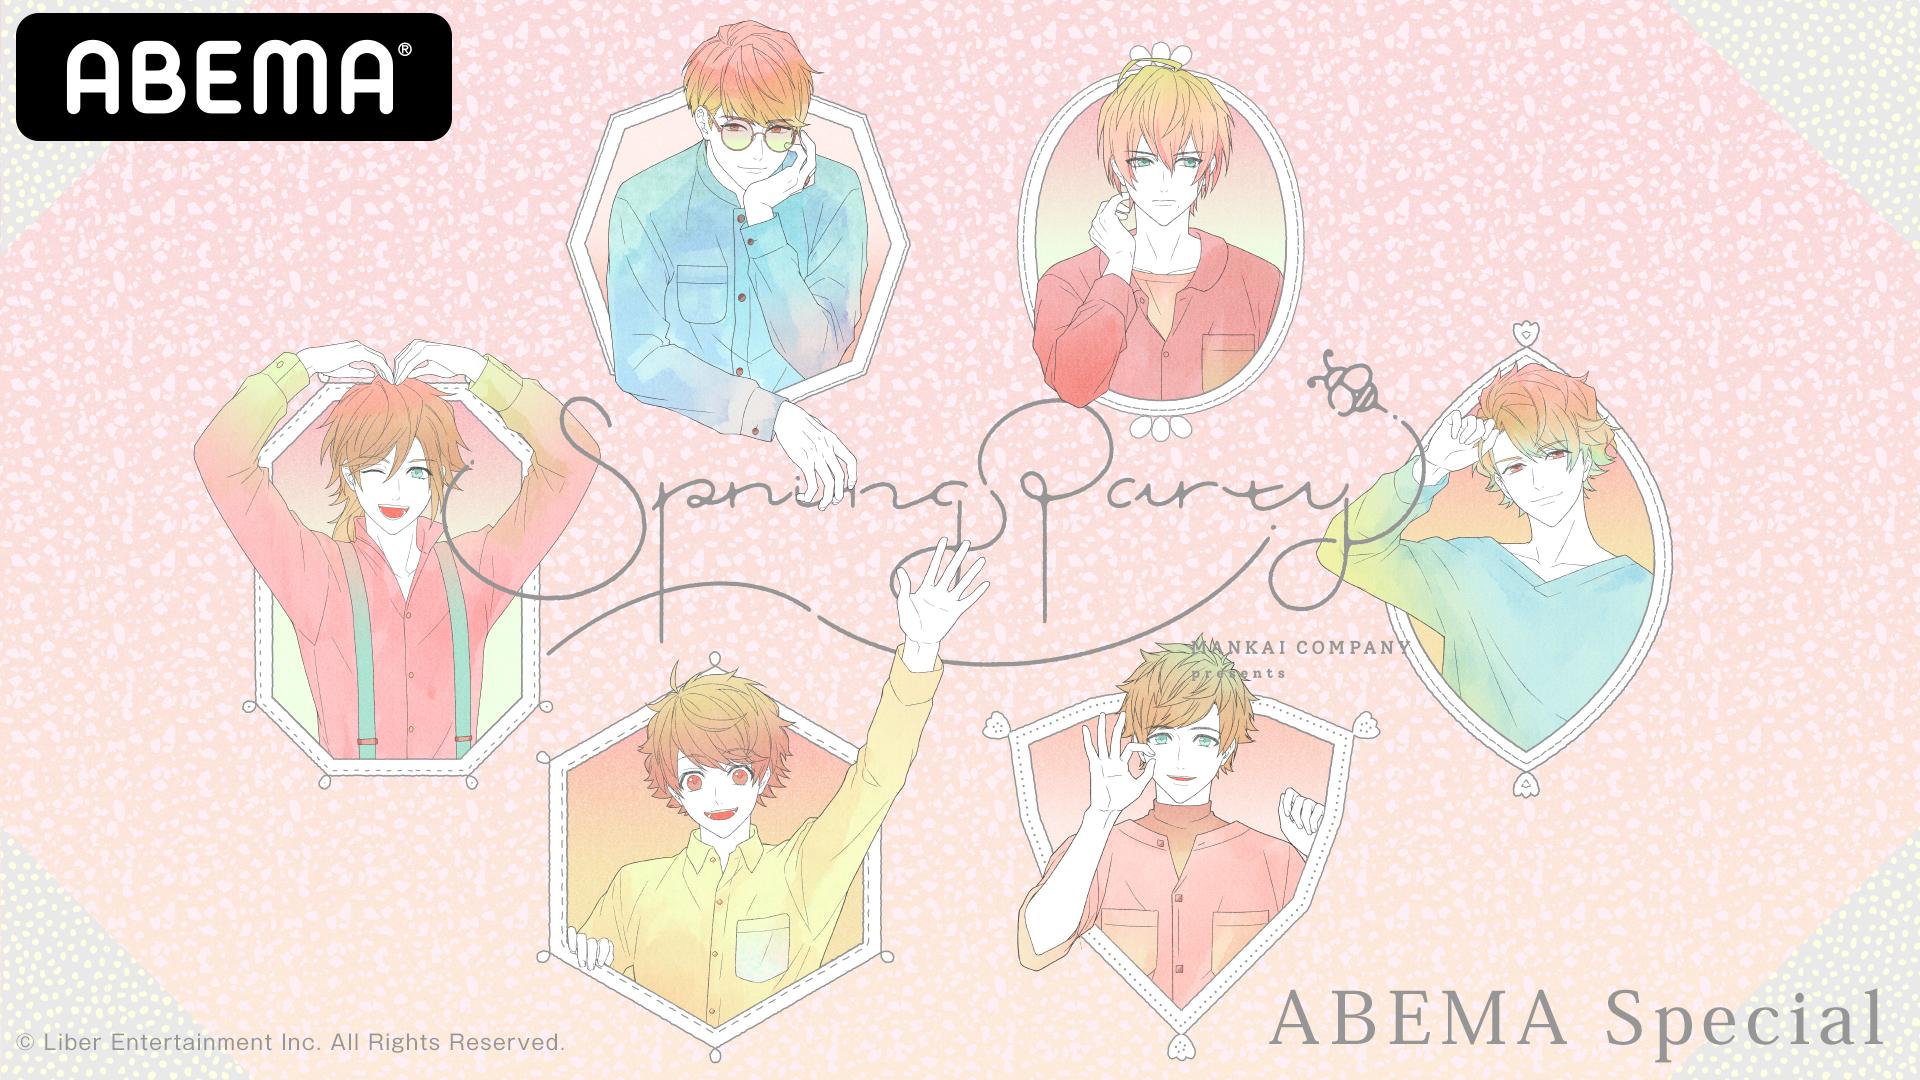 """特別番組『MANKAIカンパニーpresents""""Spring Party!""""アベマSP』"""